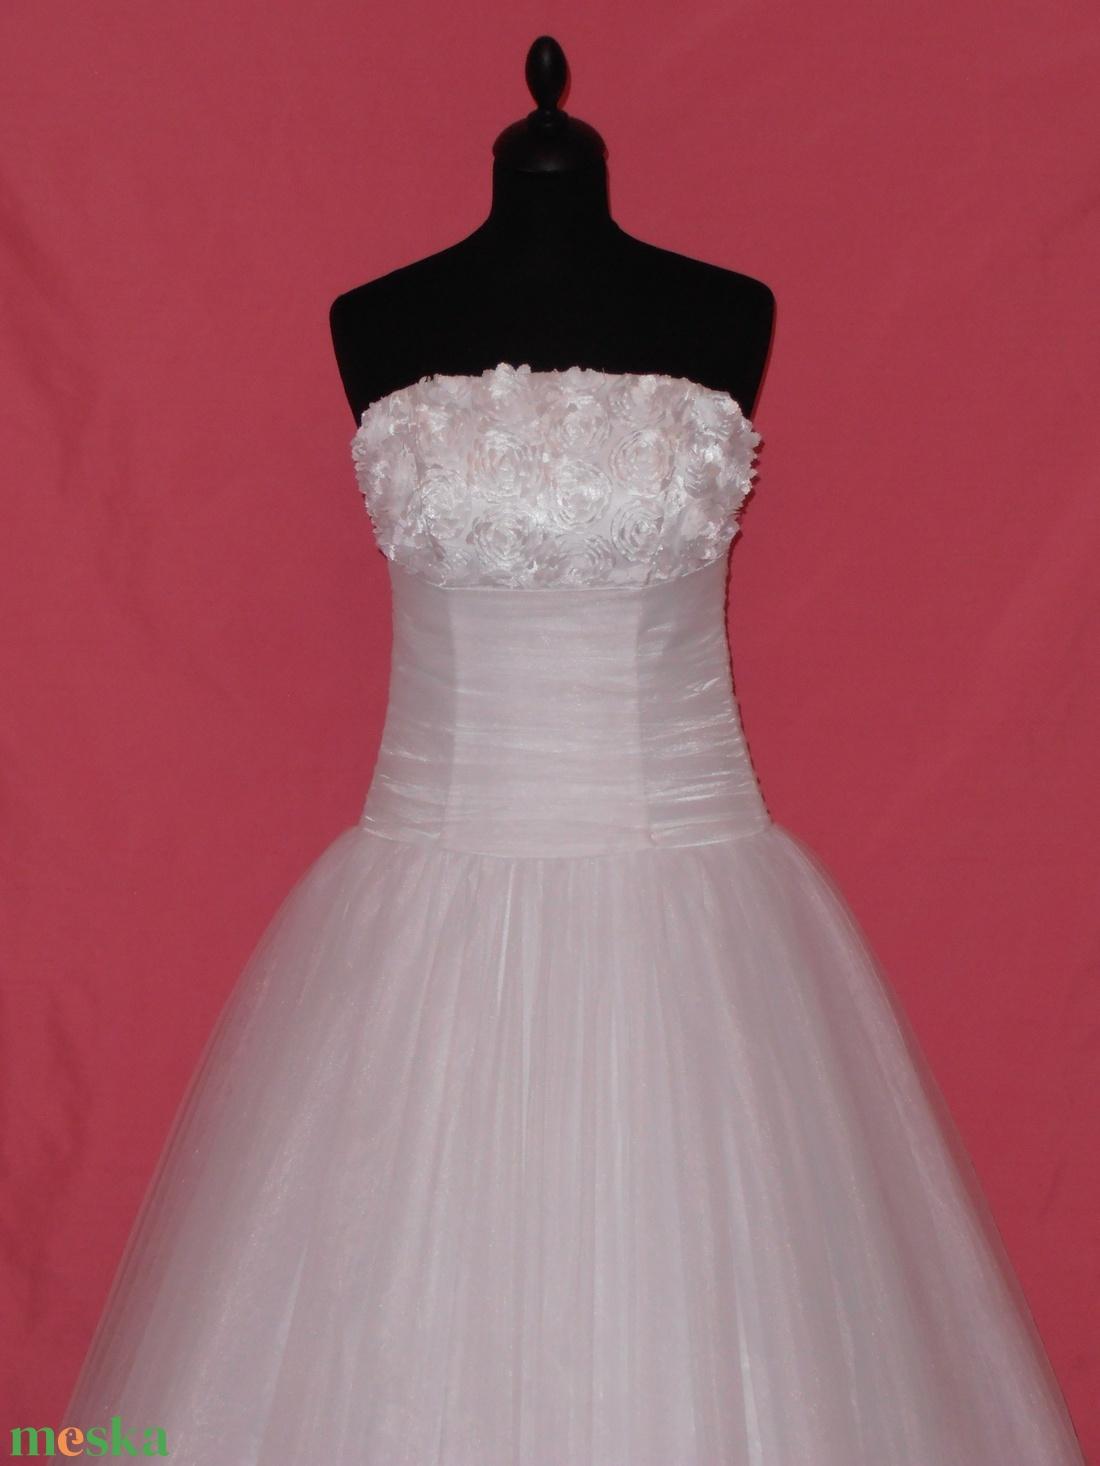 Csipkés menyasszonyi ruha (nicoledesign) - Meska.hu 46ae0f0e02